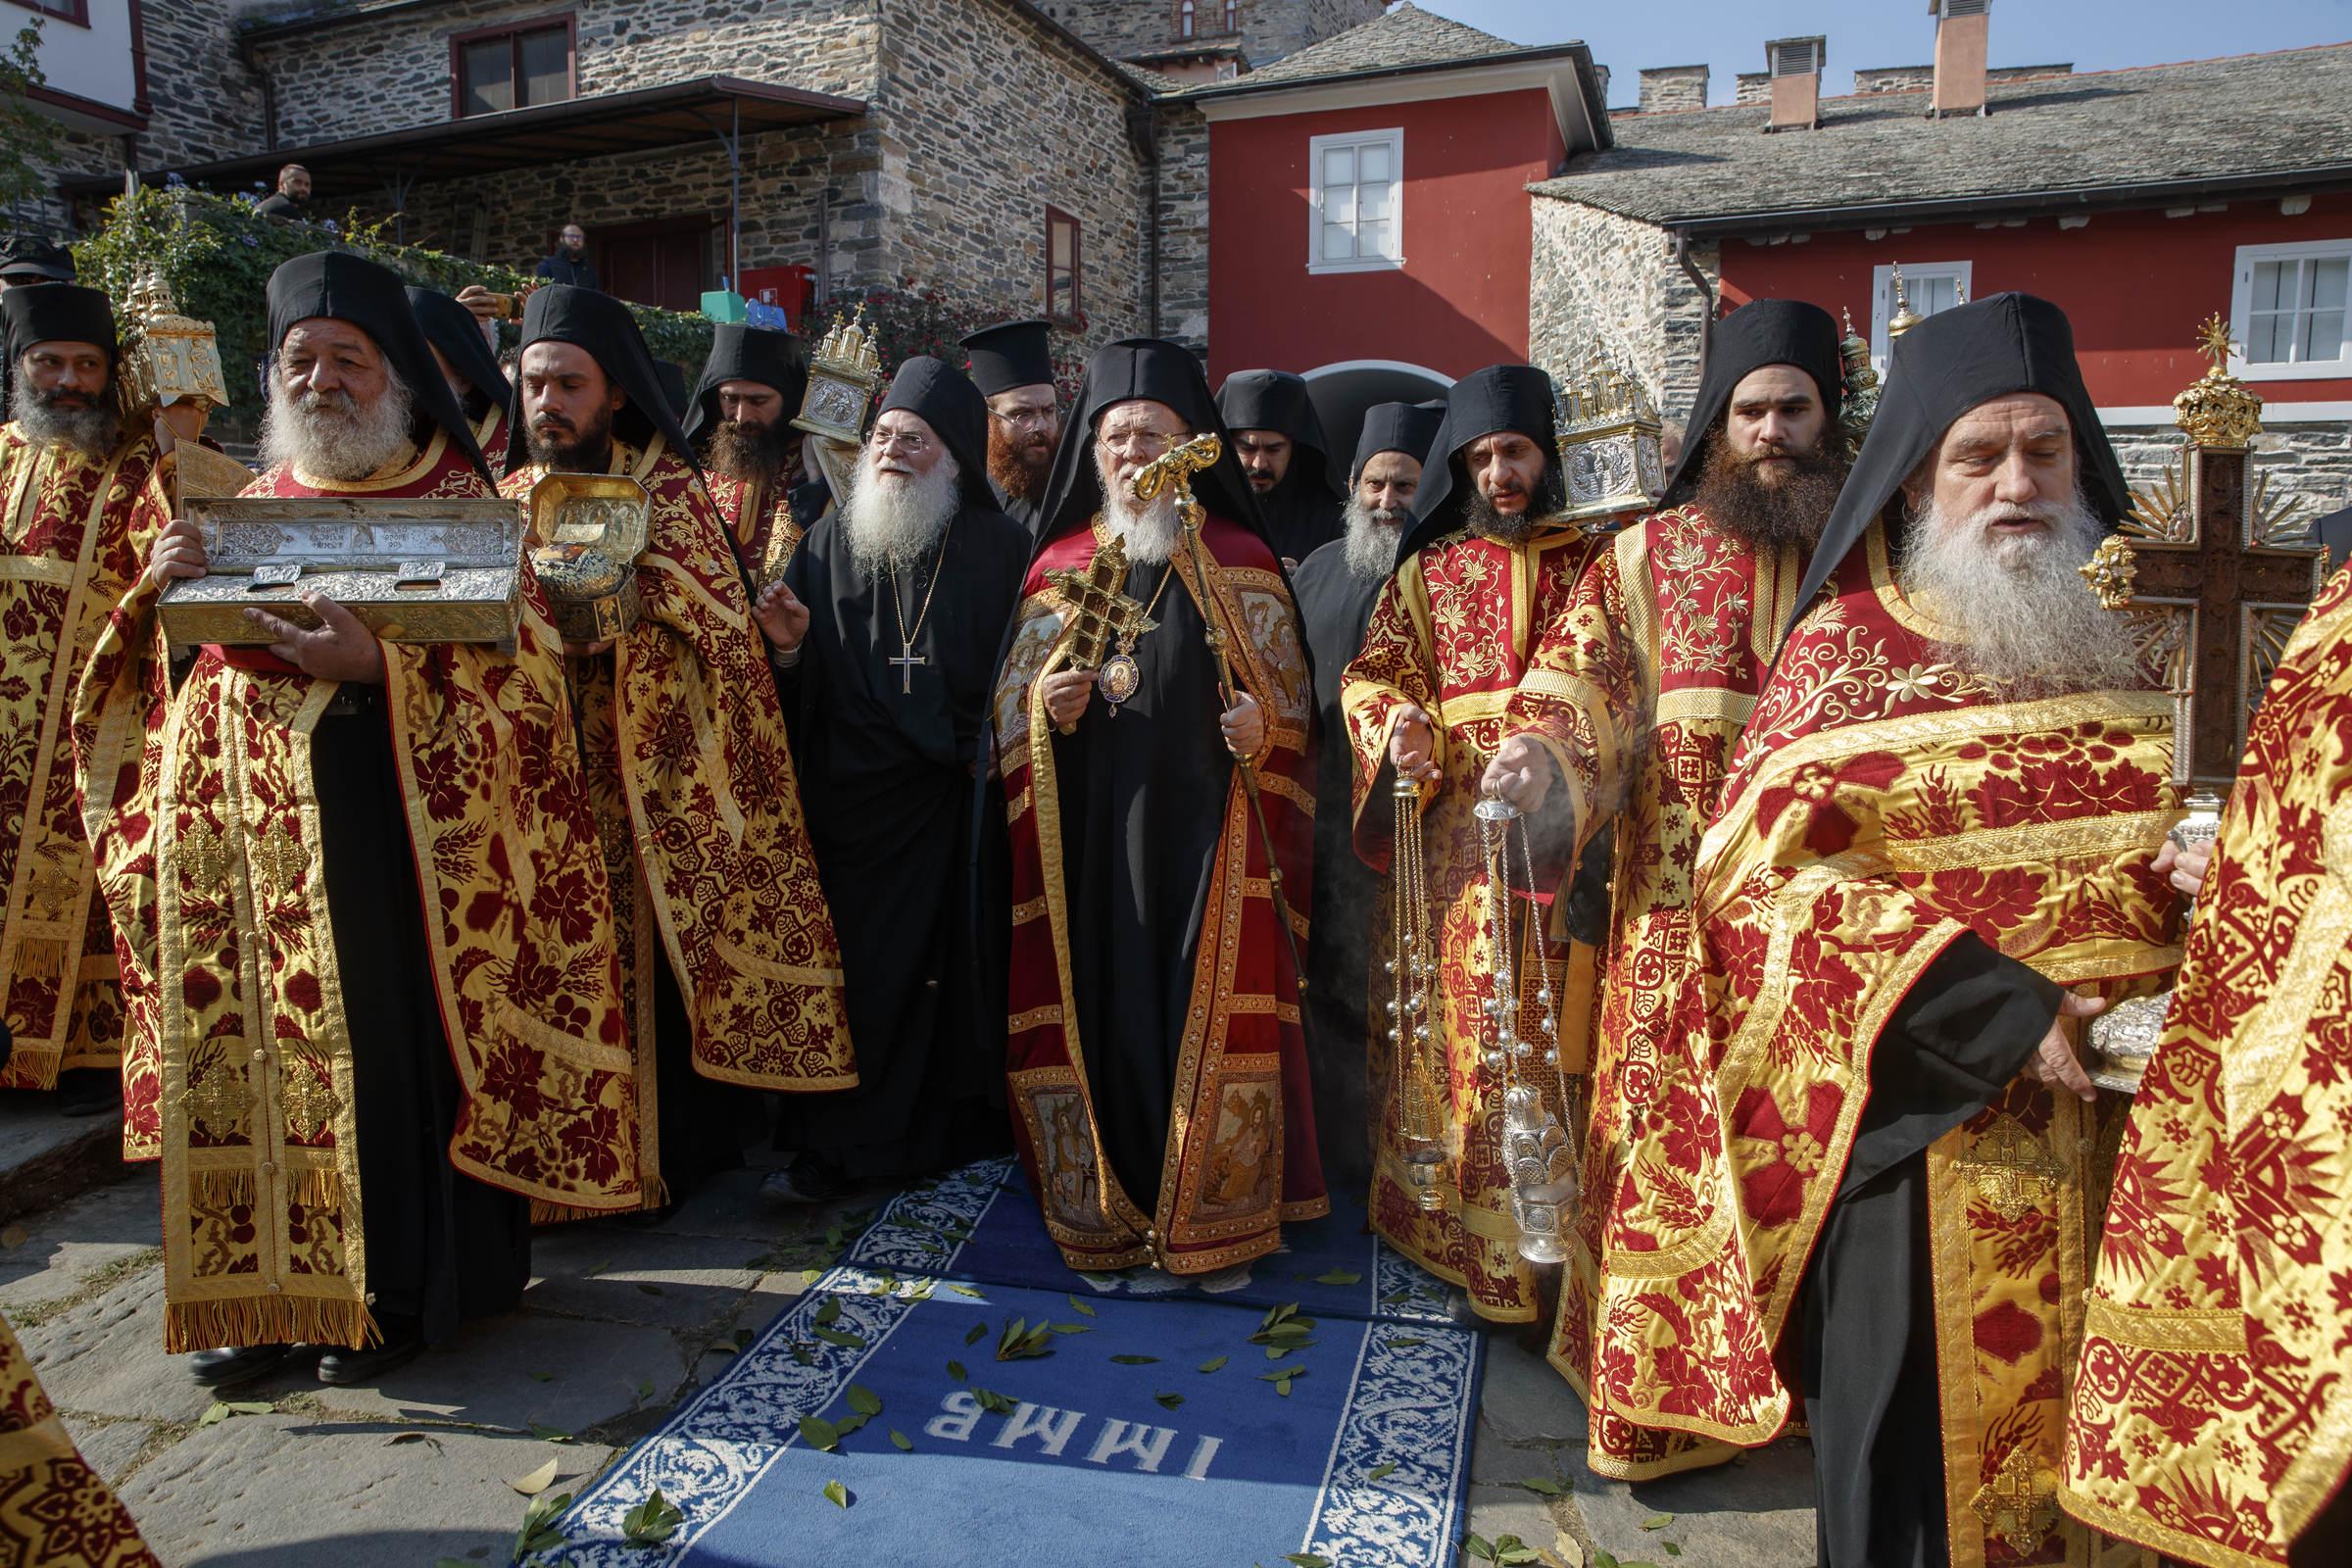 Vizita oficială a Patriarhului Ecumenic, Preafericirea sa Bartolomeu al II-lea, la Vatopedi